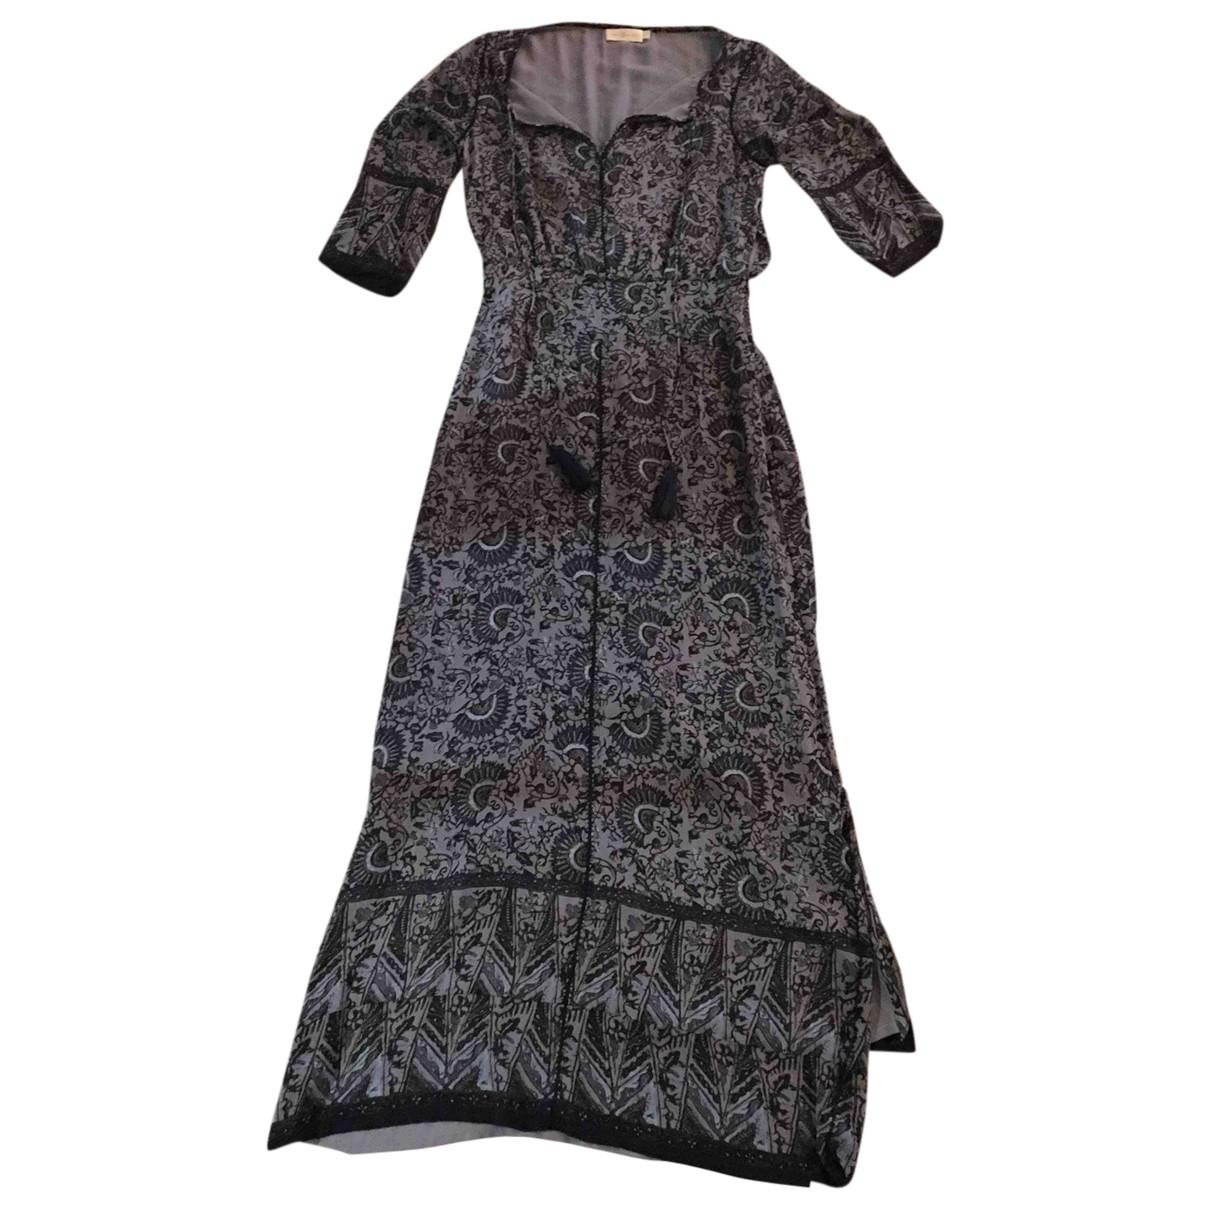 Tory Burch \N Kleid in  Grau Seide